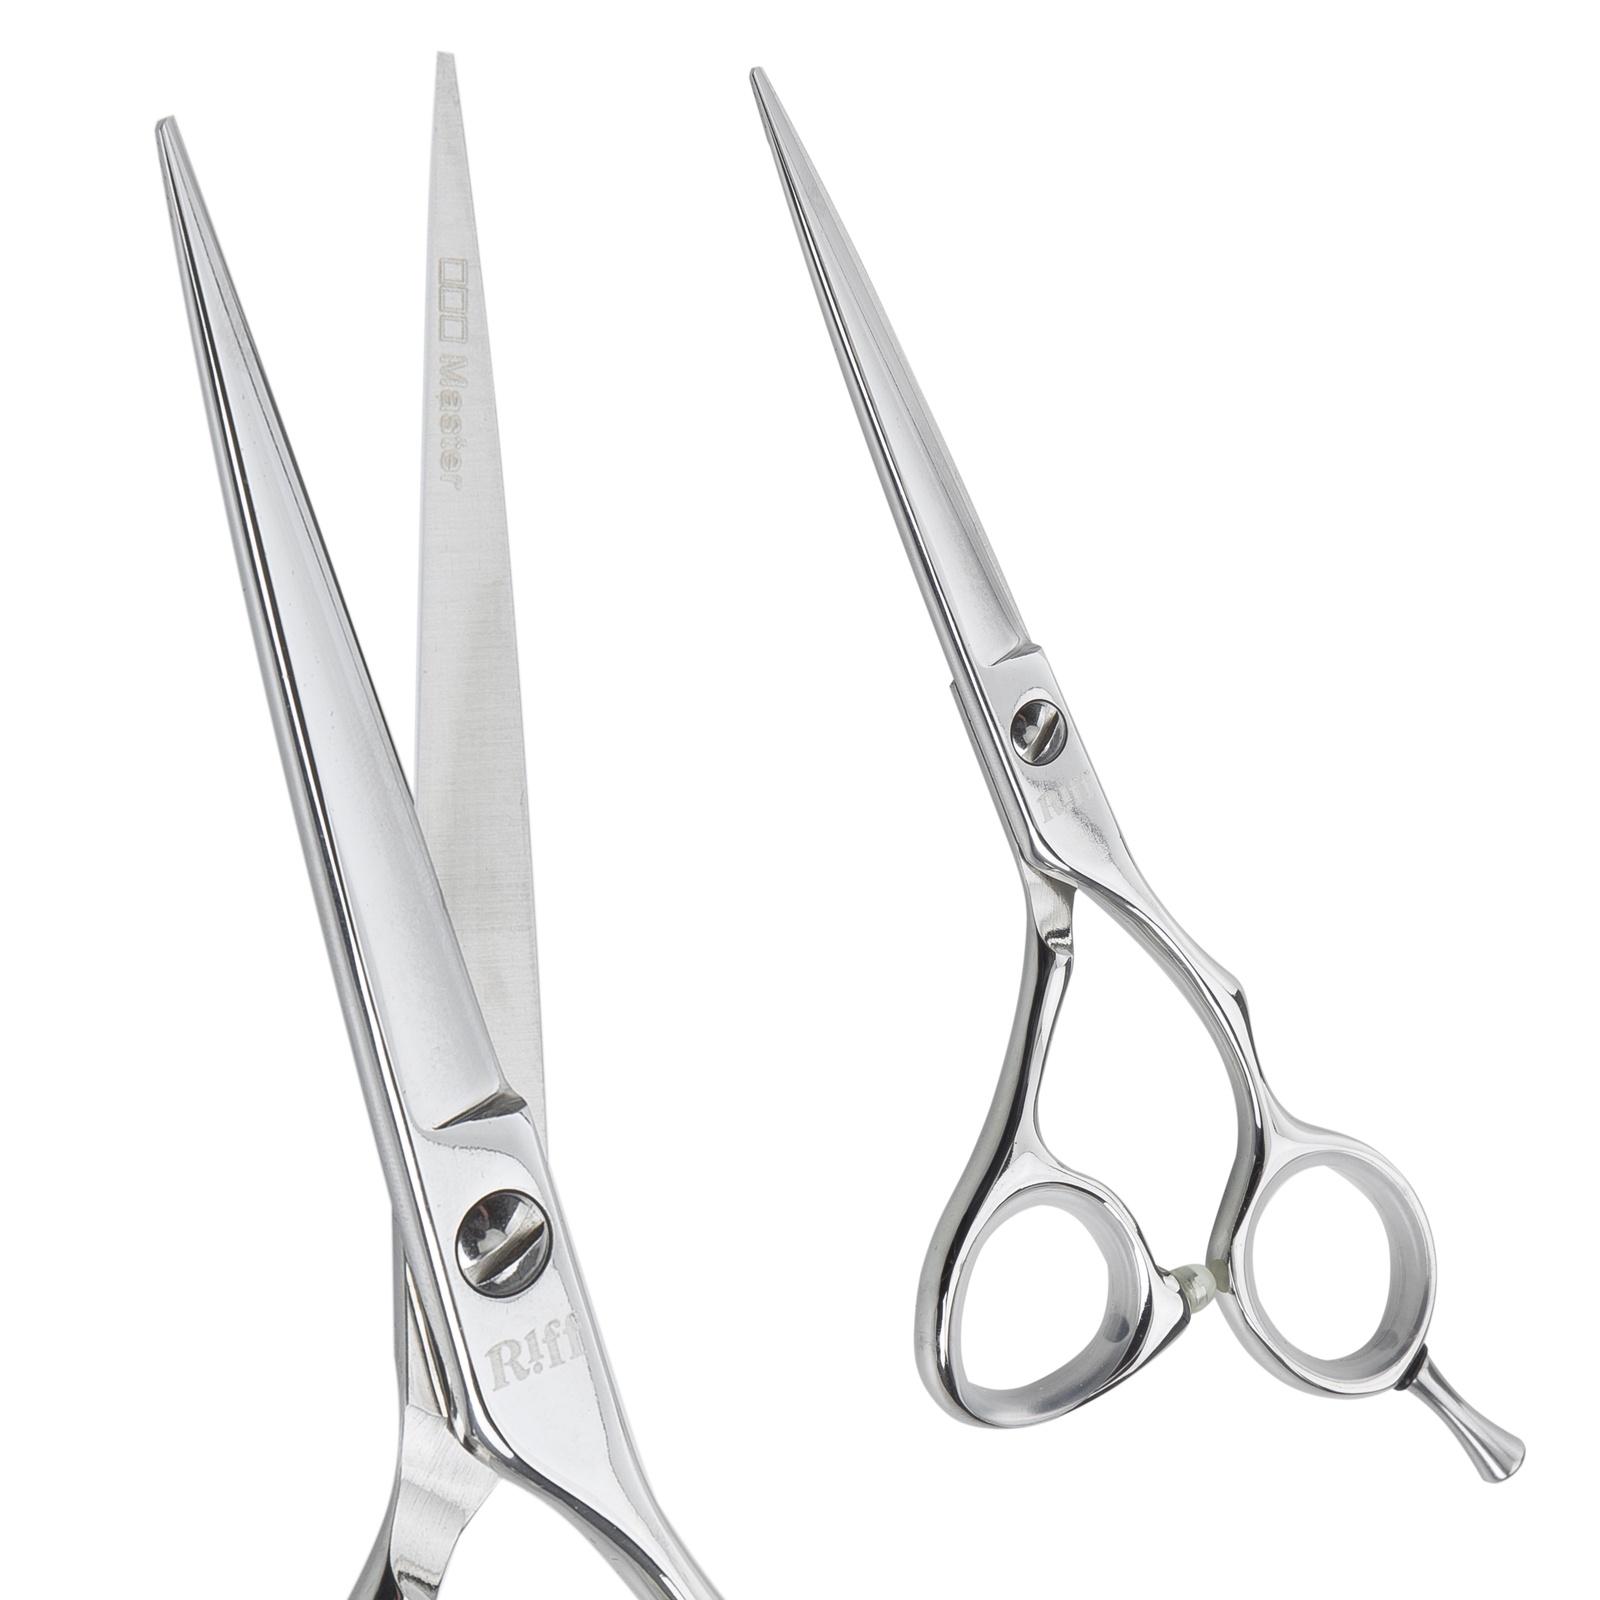 Ножницы парикмахерские RIFF Master, AM0455, 5,5 дюймов